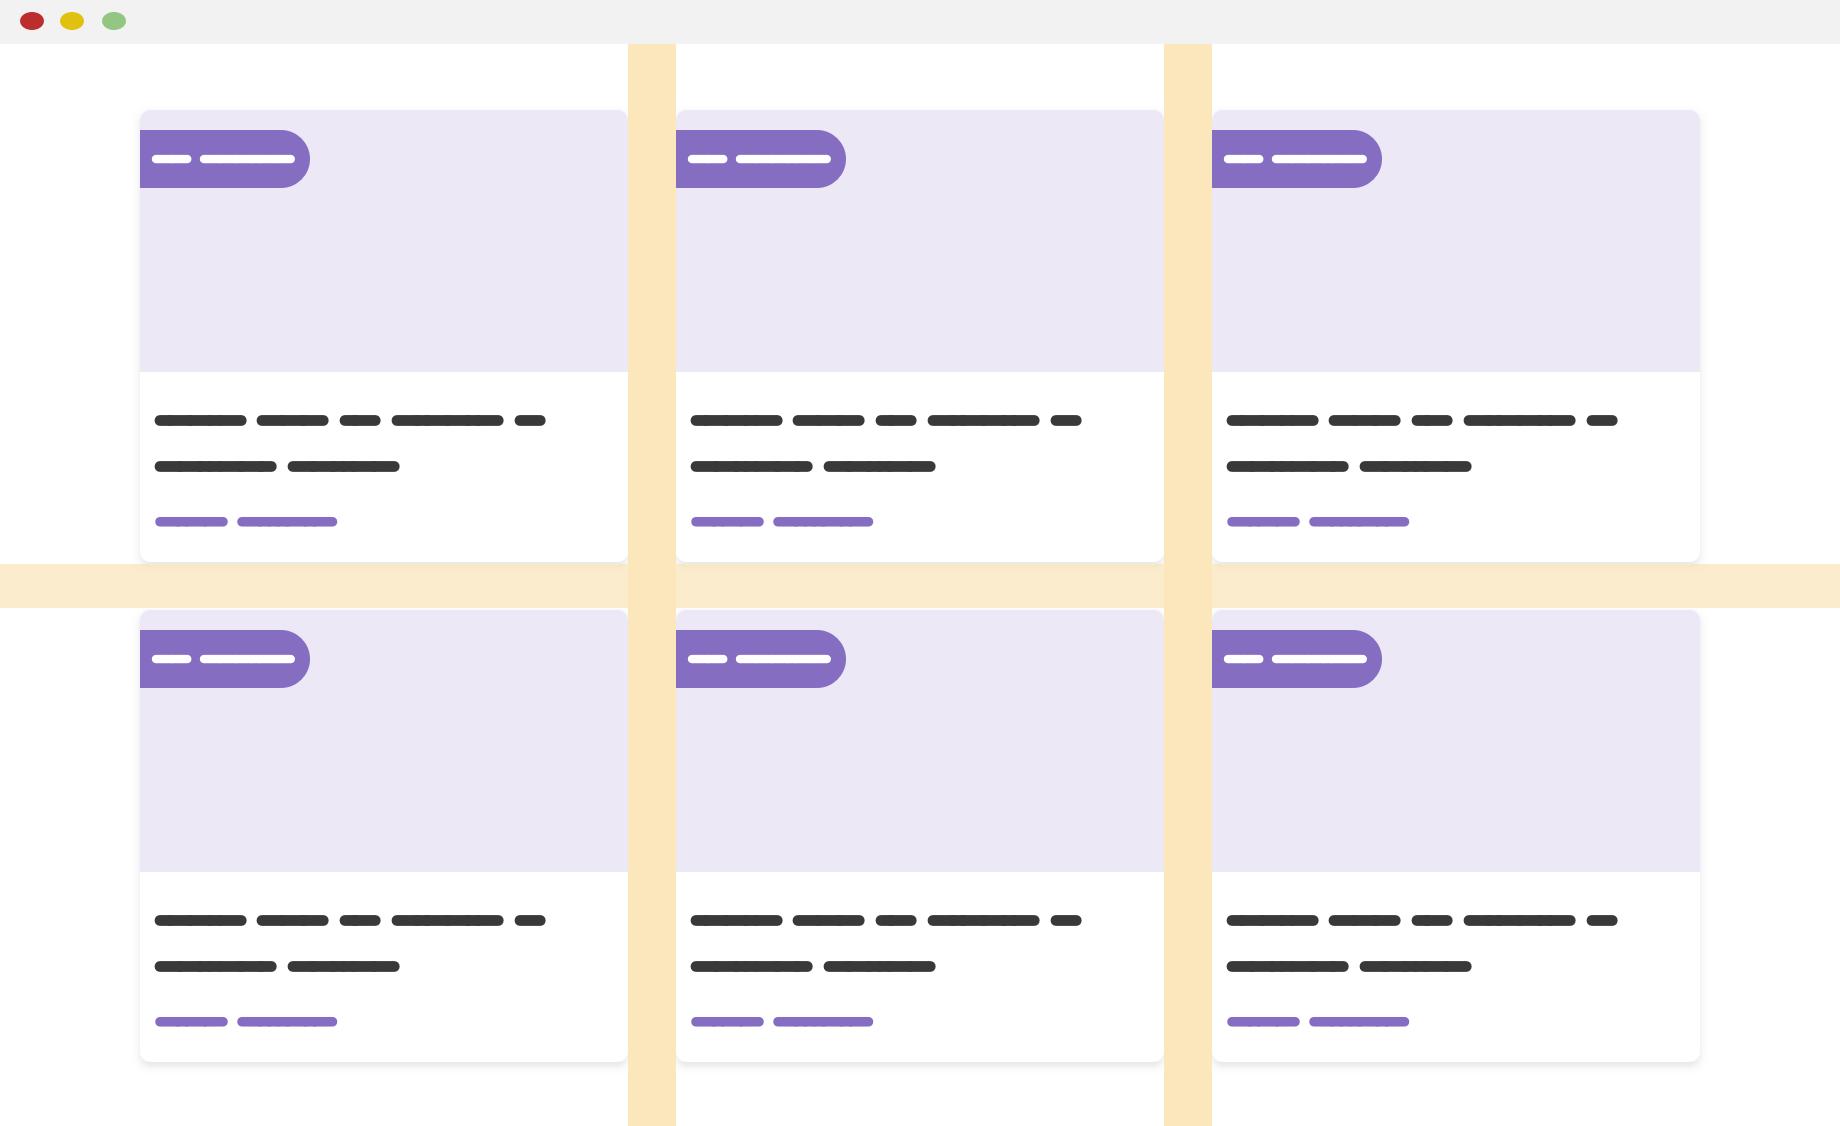 Единицы измерения CSS, связанные с областью просмотра